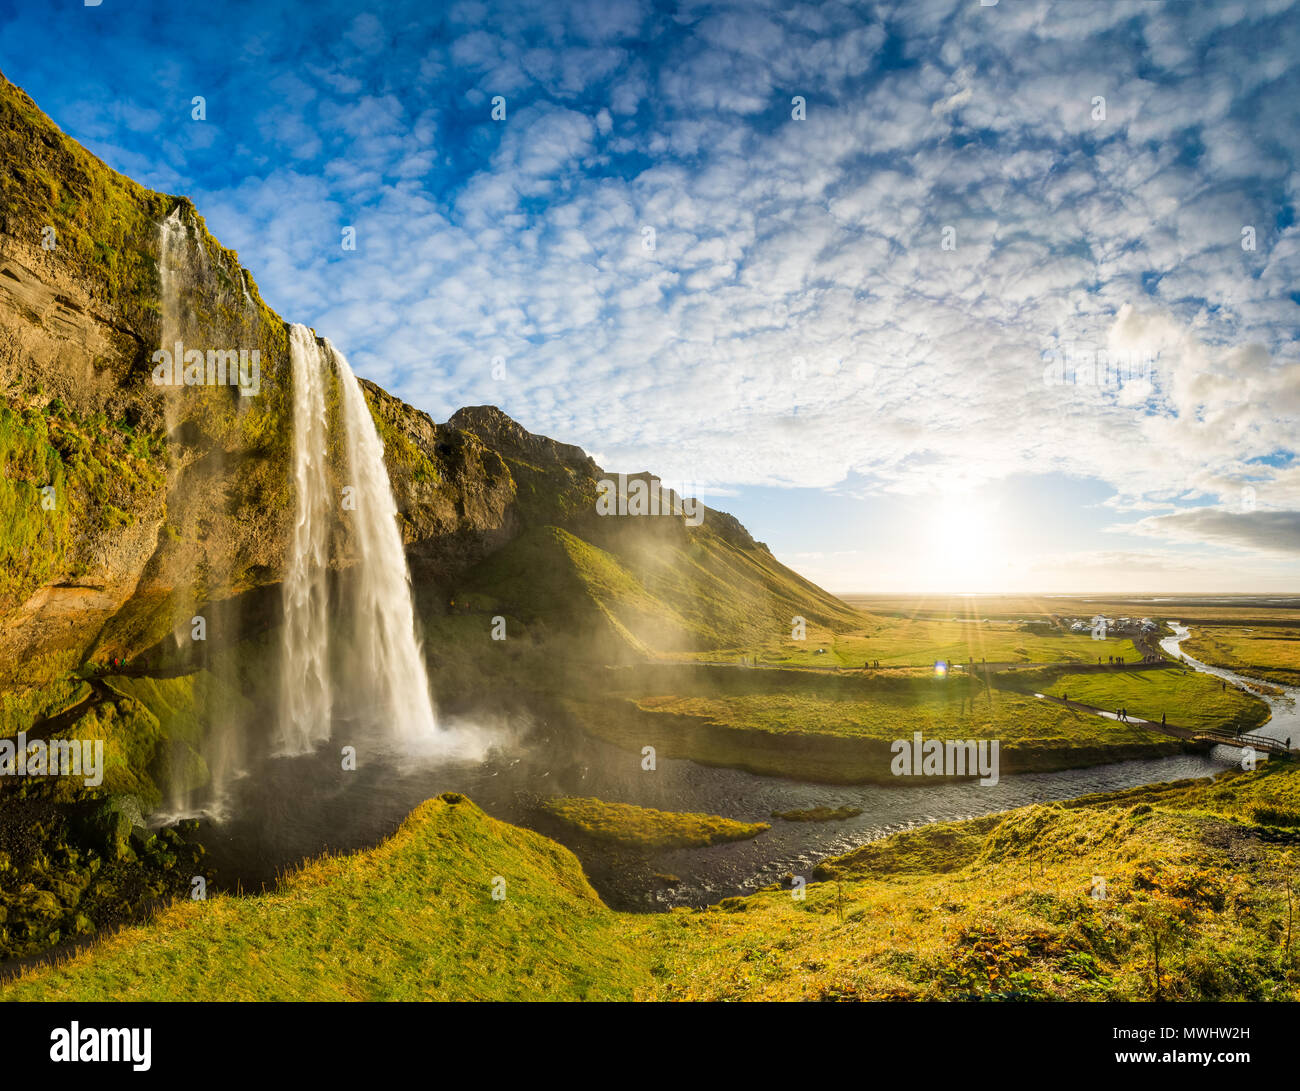 Panoramica di una delle più belle cascate in Islanda. Foto Stock